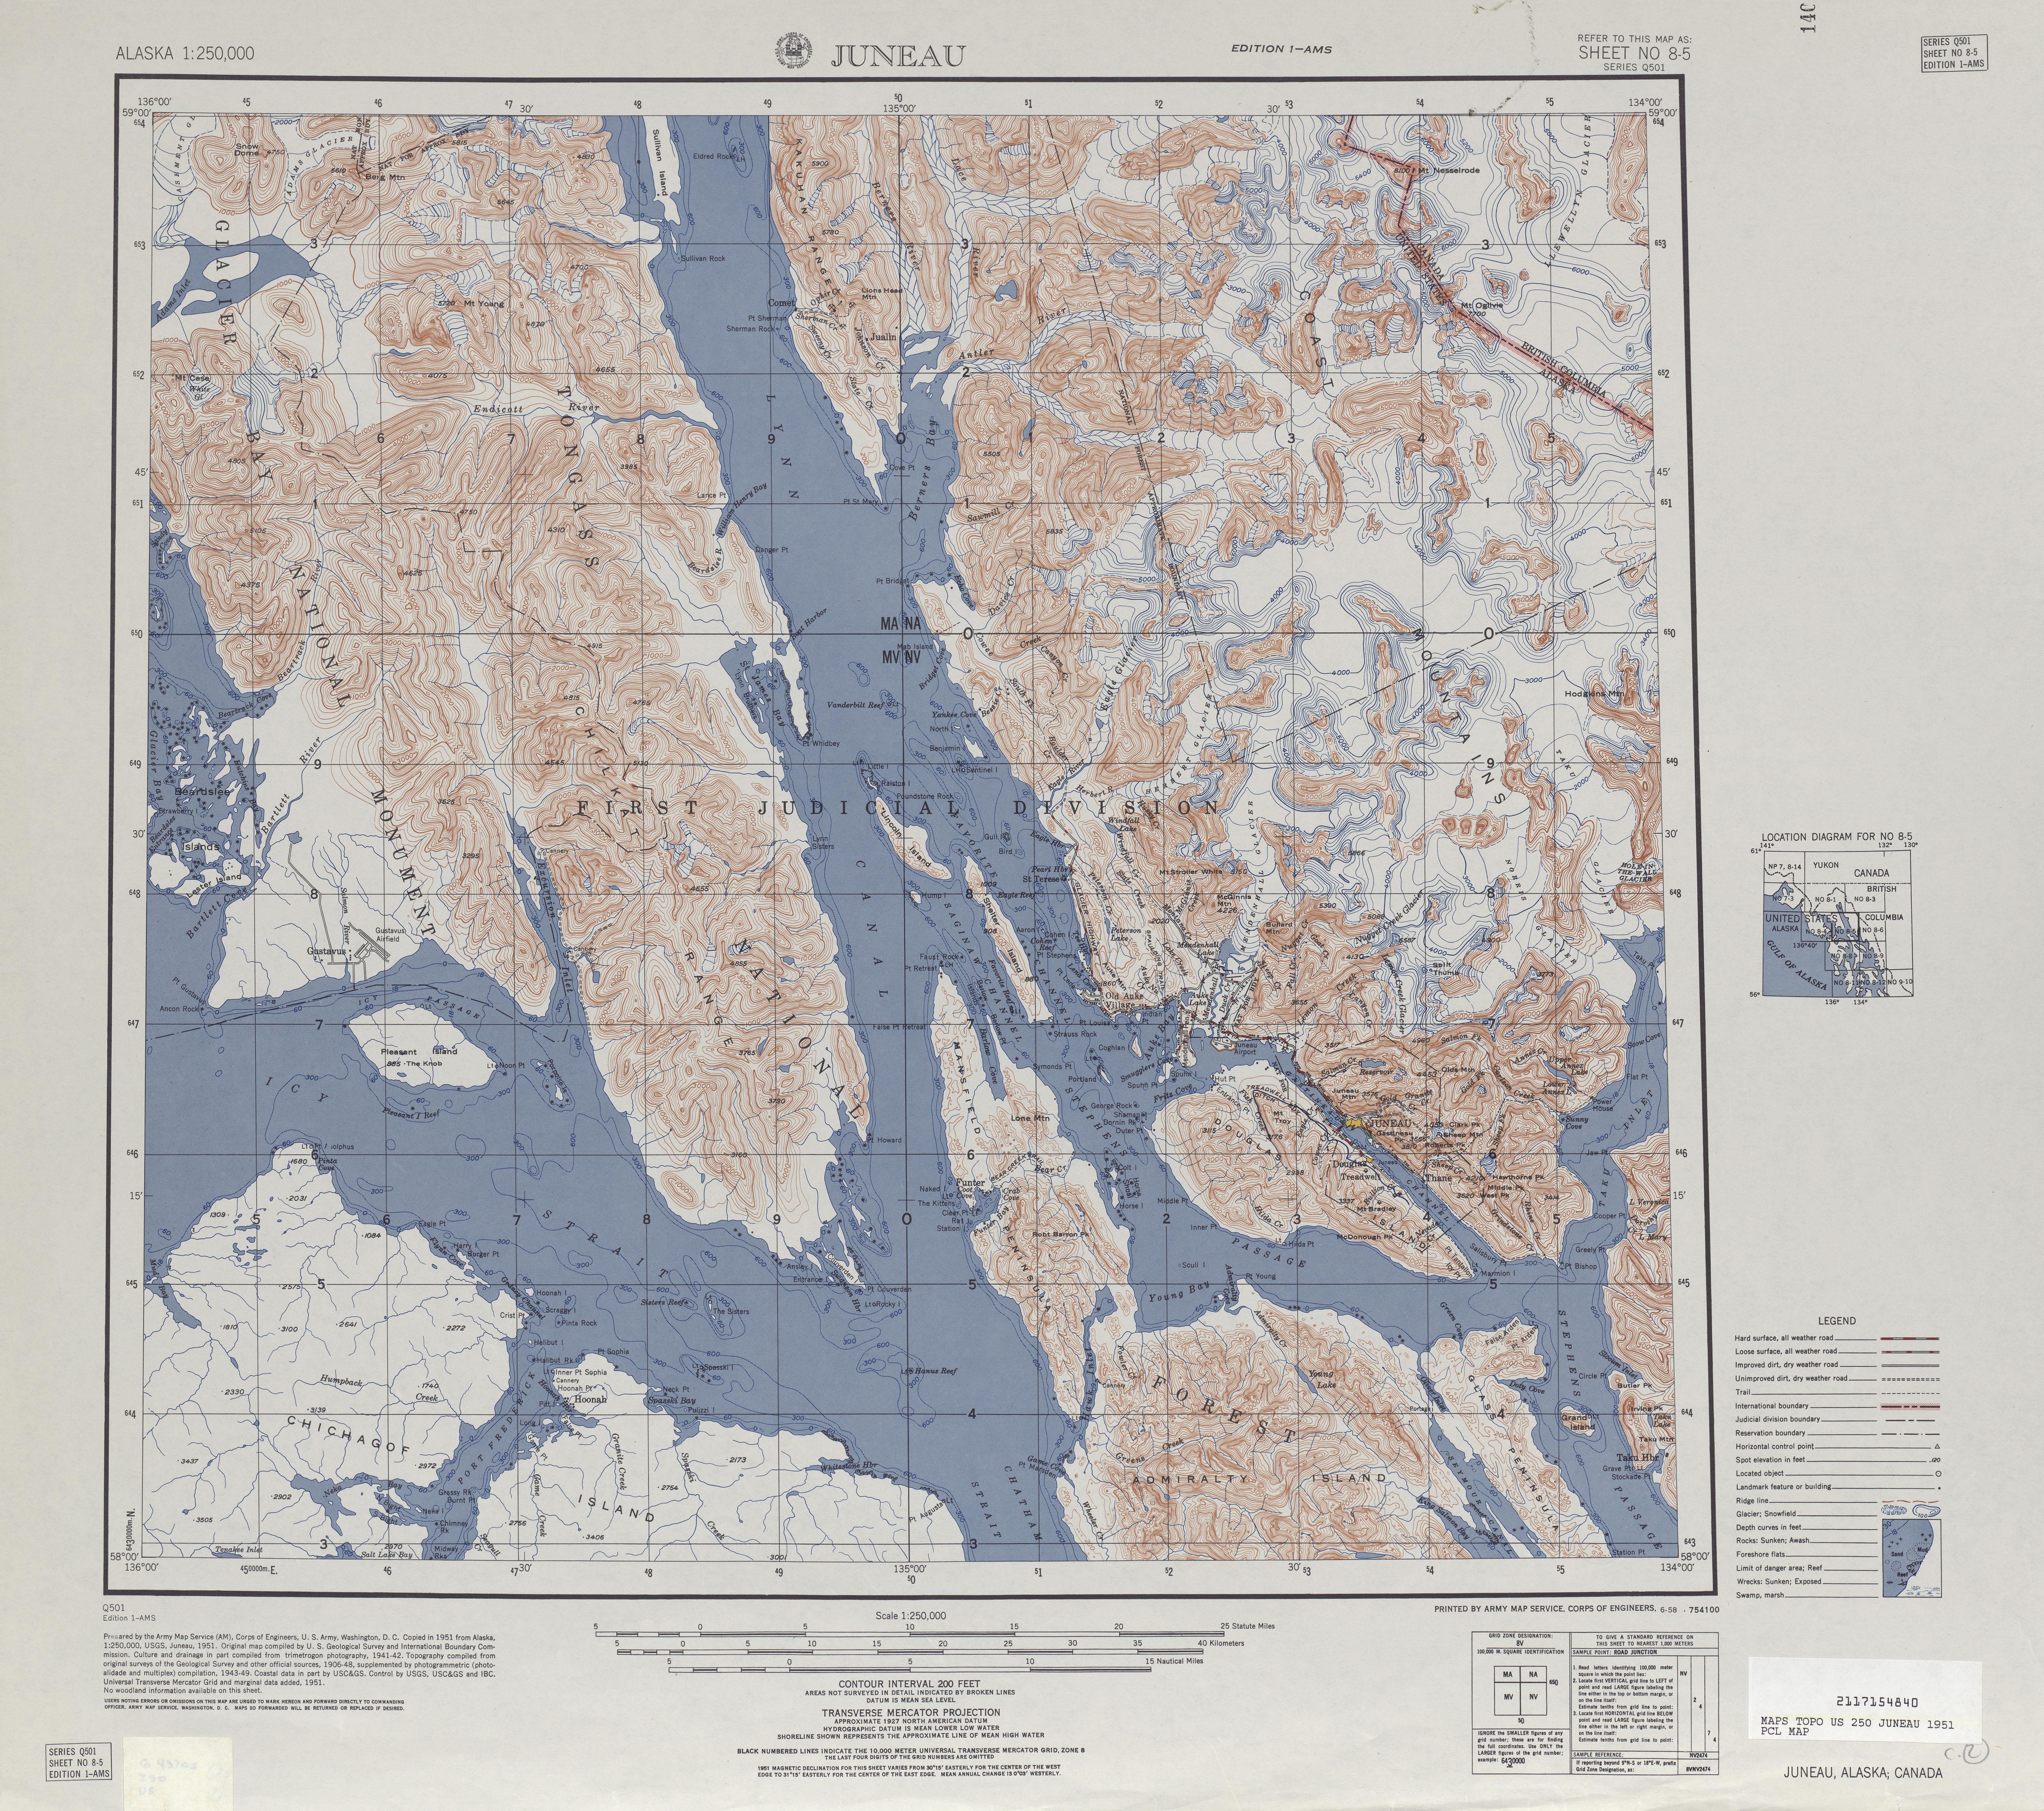 Hoja Juneau del Mapa Topográfico de los Estados Unidos 1951